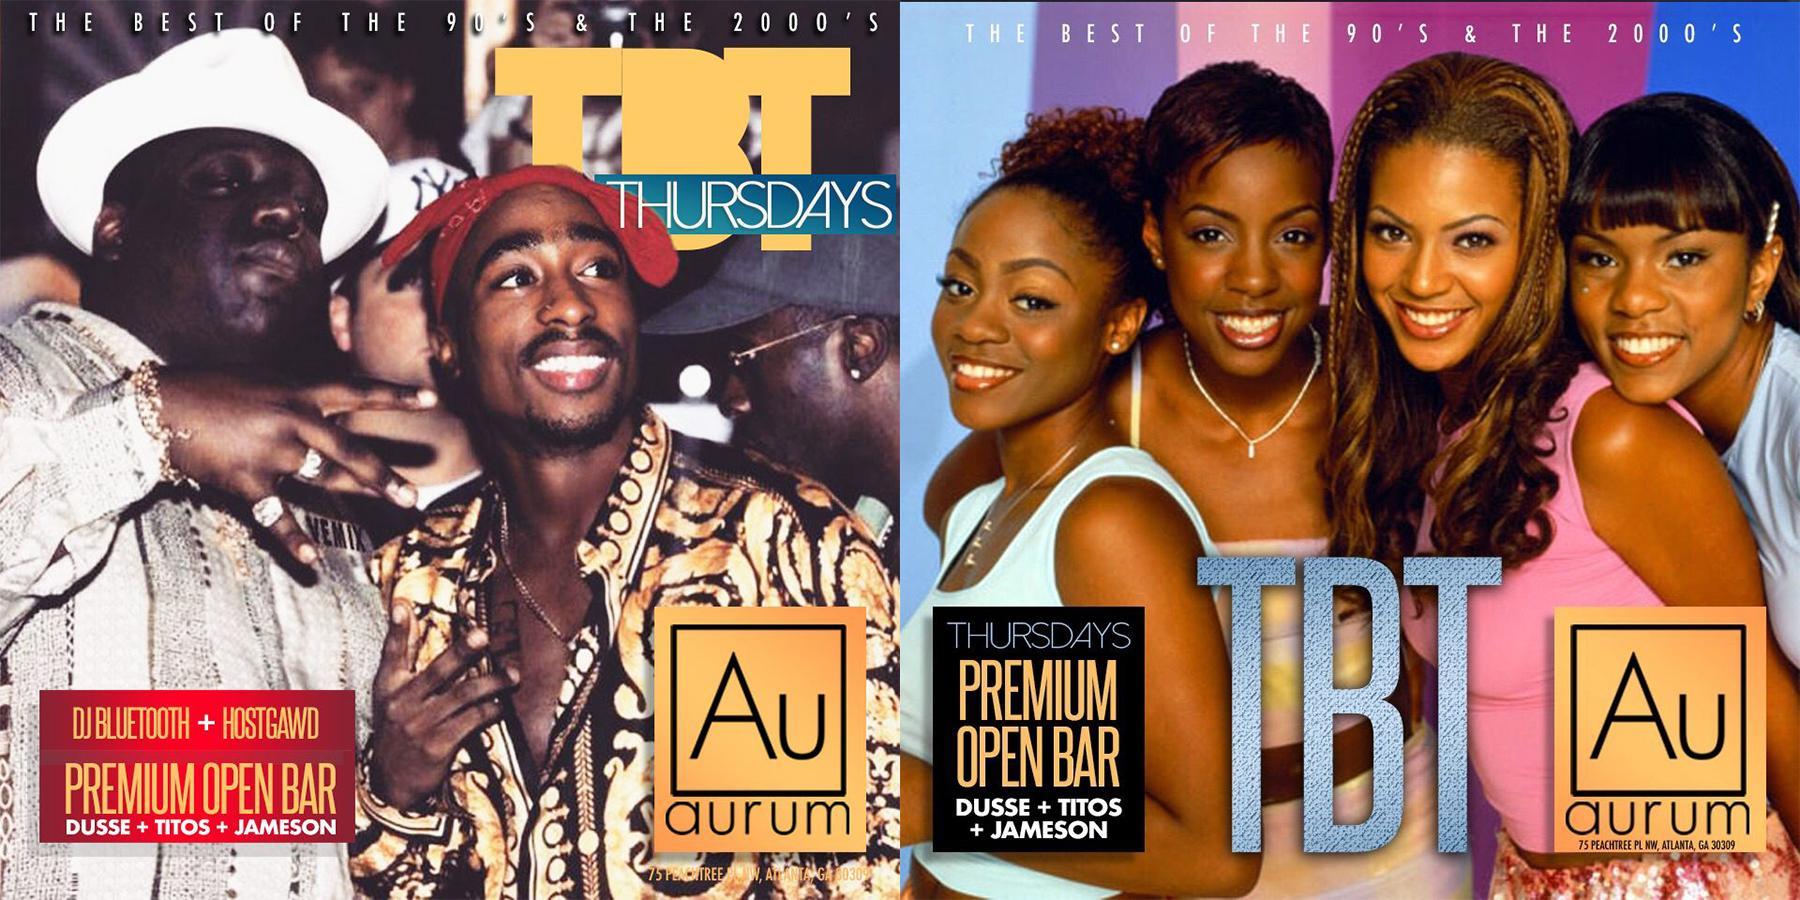 TBT Thursdays @Aurumatlanta $10 Open Bar!